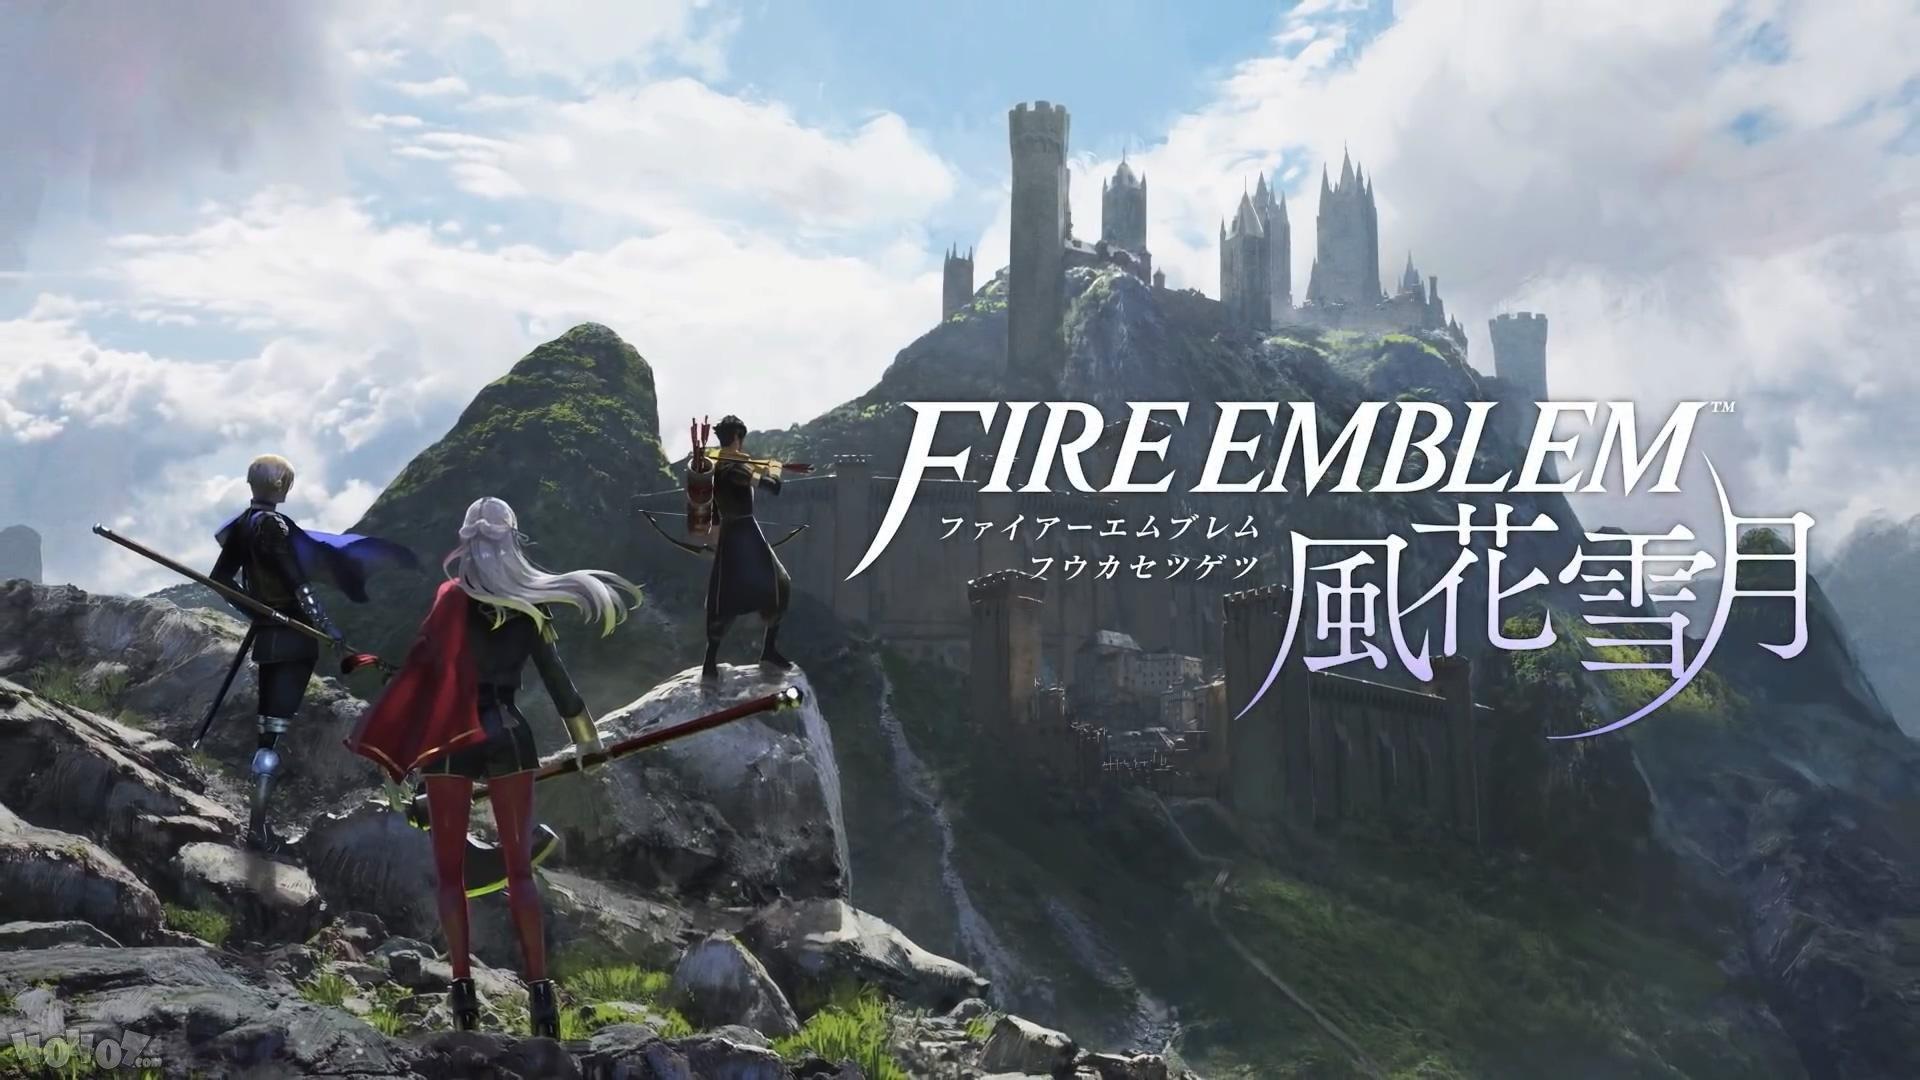 《火焰纹章:风花雪月》DLC公布新情报 新学级、兵种与角色